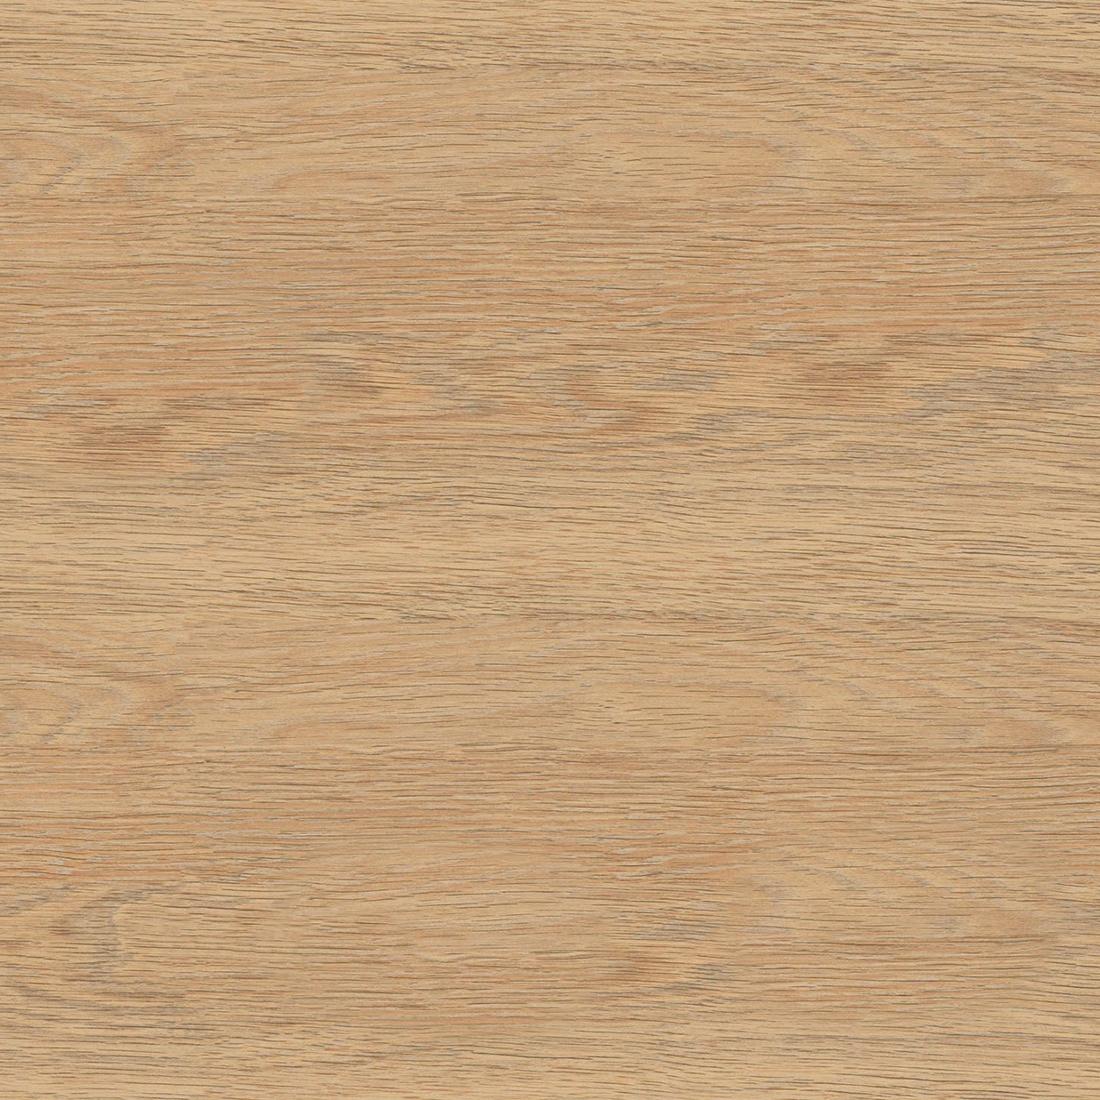 oak-coloured beech wood